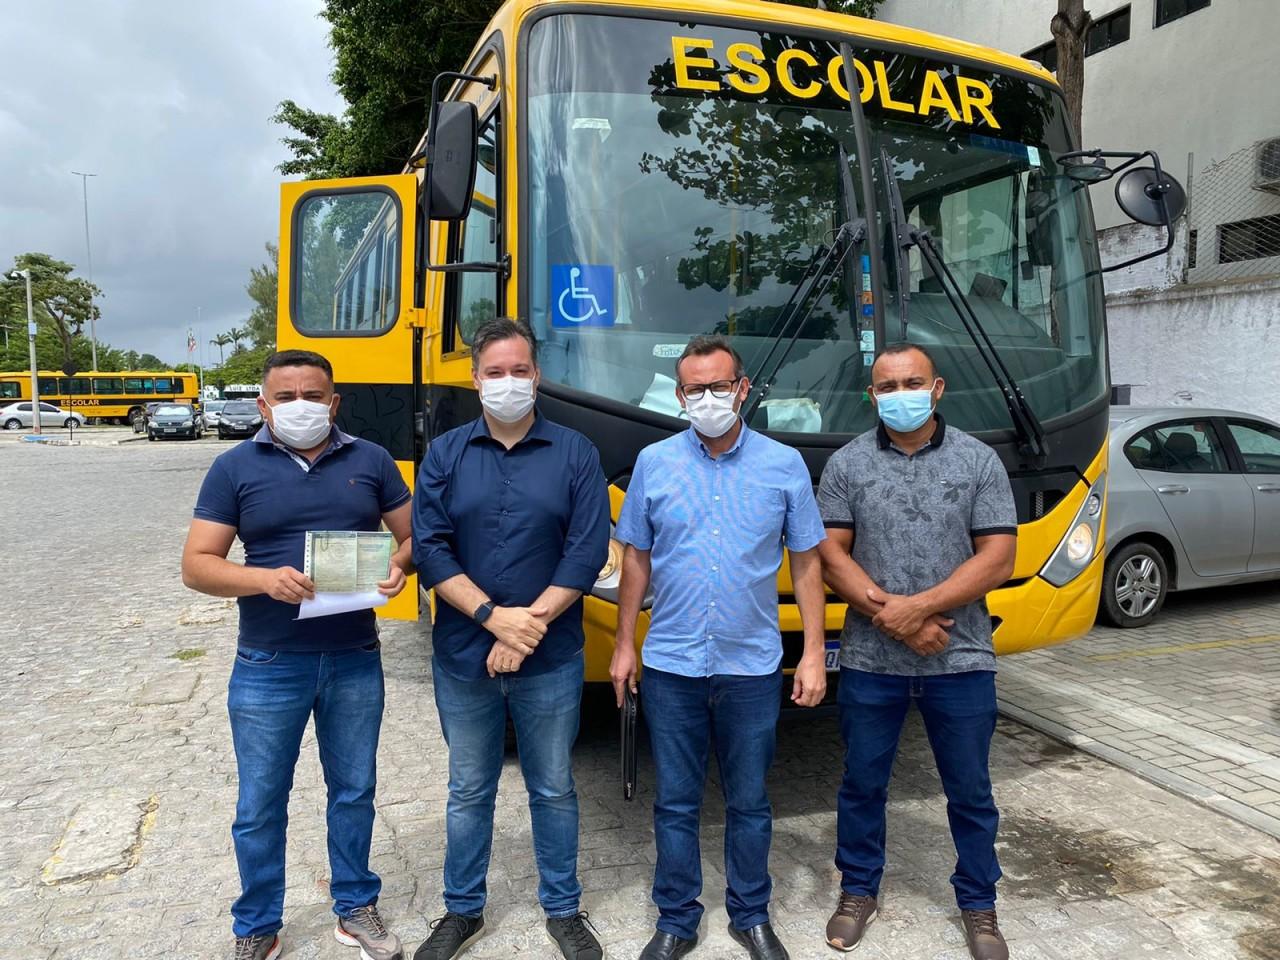 """WhatsApp Image 2021 08 25 at 16.42.49 - Deputado Júnior Araújo comemora aquisição de ônibus escolar para cidade de Santa Helena: """"Trabalho de verdade"""""""